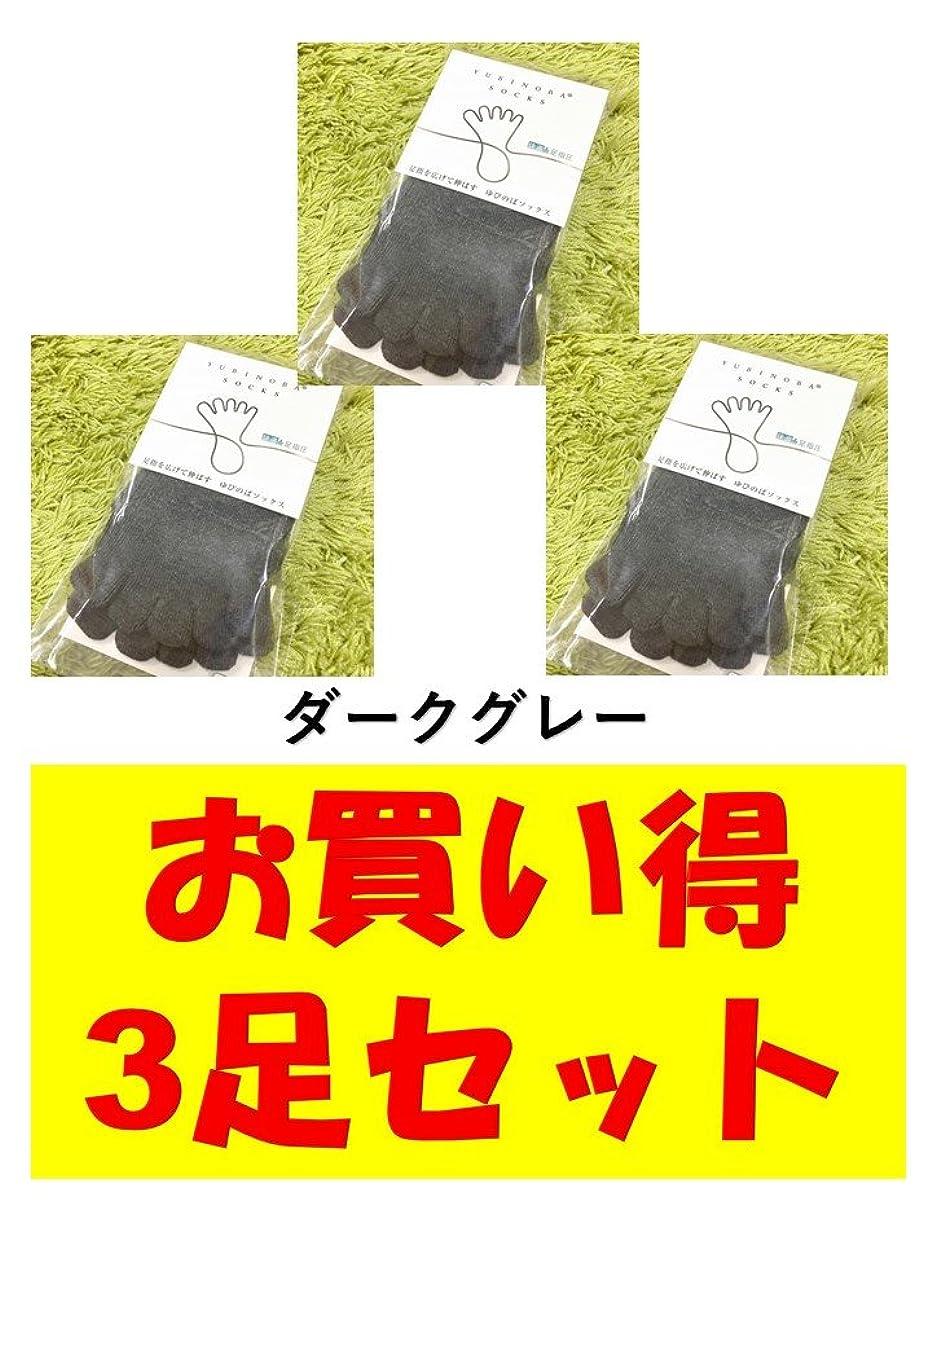 気がついてフェローシップ高めるお買い得3足セット 5本指 ゆびのばソックス ゆびのばレギュラー ダークグレー 男性用 25.5cm-28.0cm HSREGR-DGL